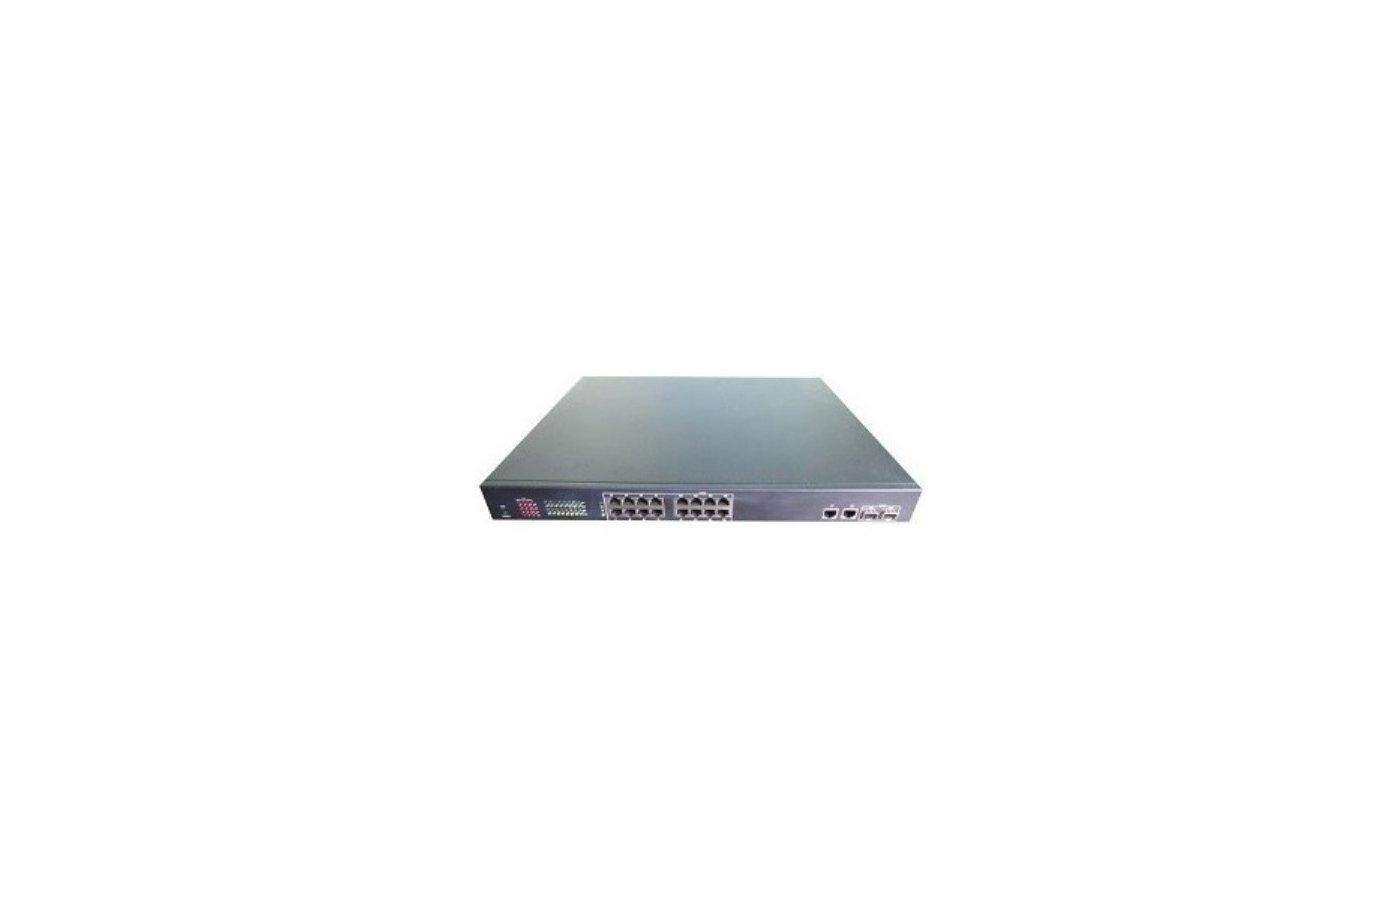 Аксессуары для видеосистем IVUE-PS20-2F16C16-ти портовый управляемый 1U коммутатор